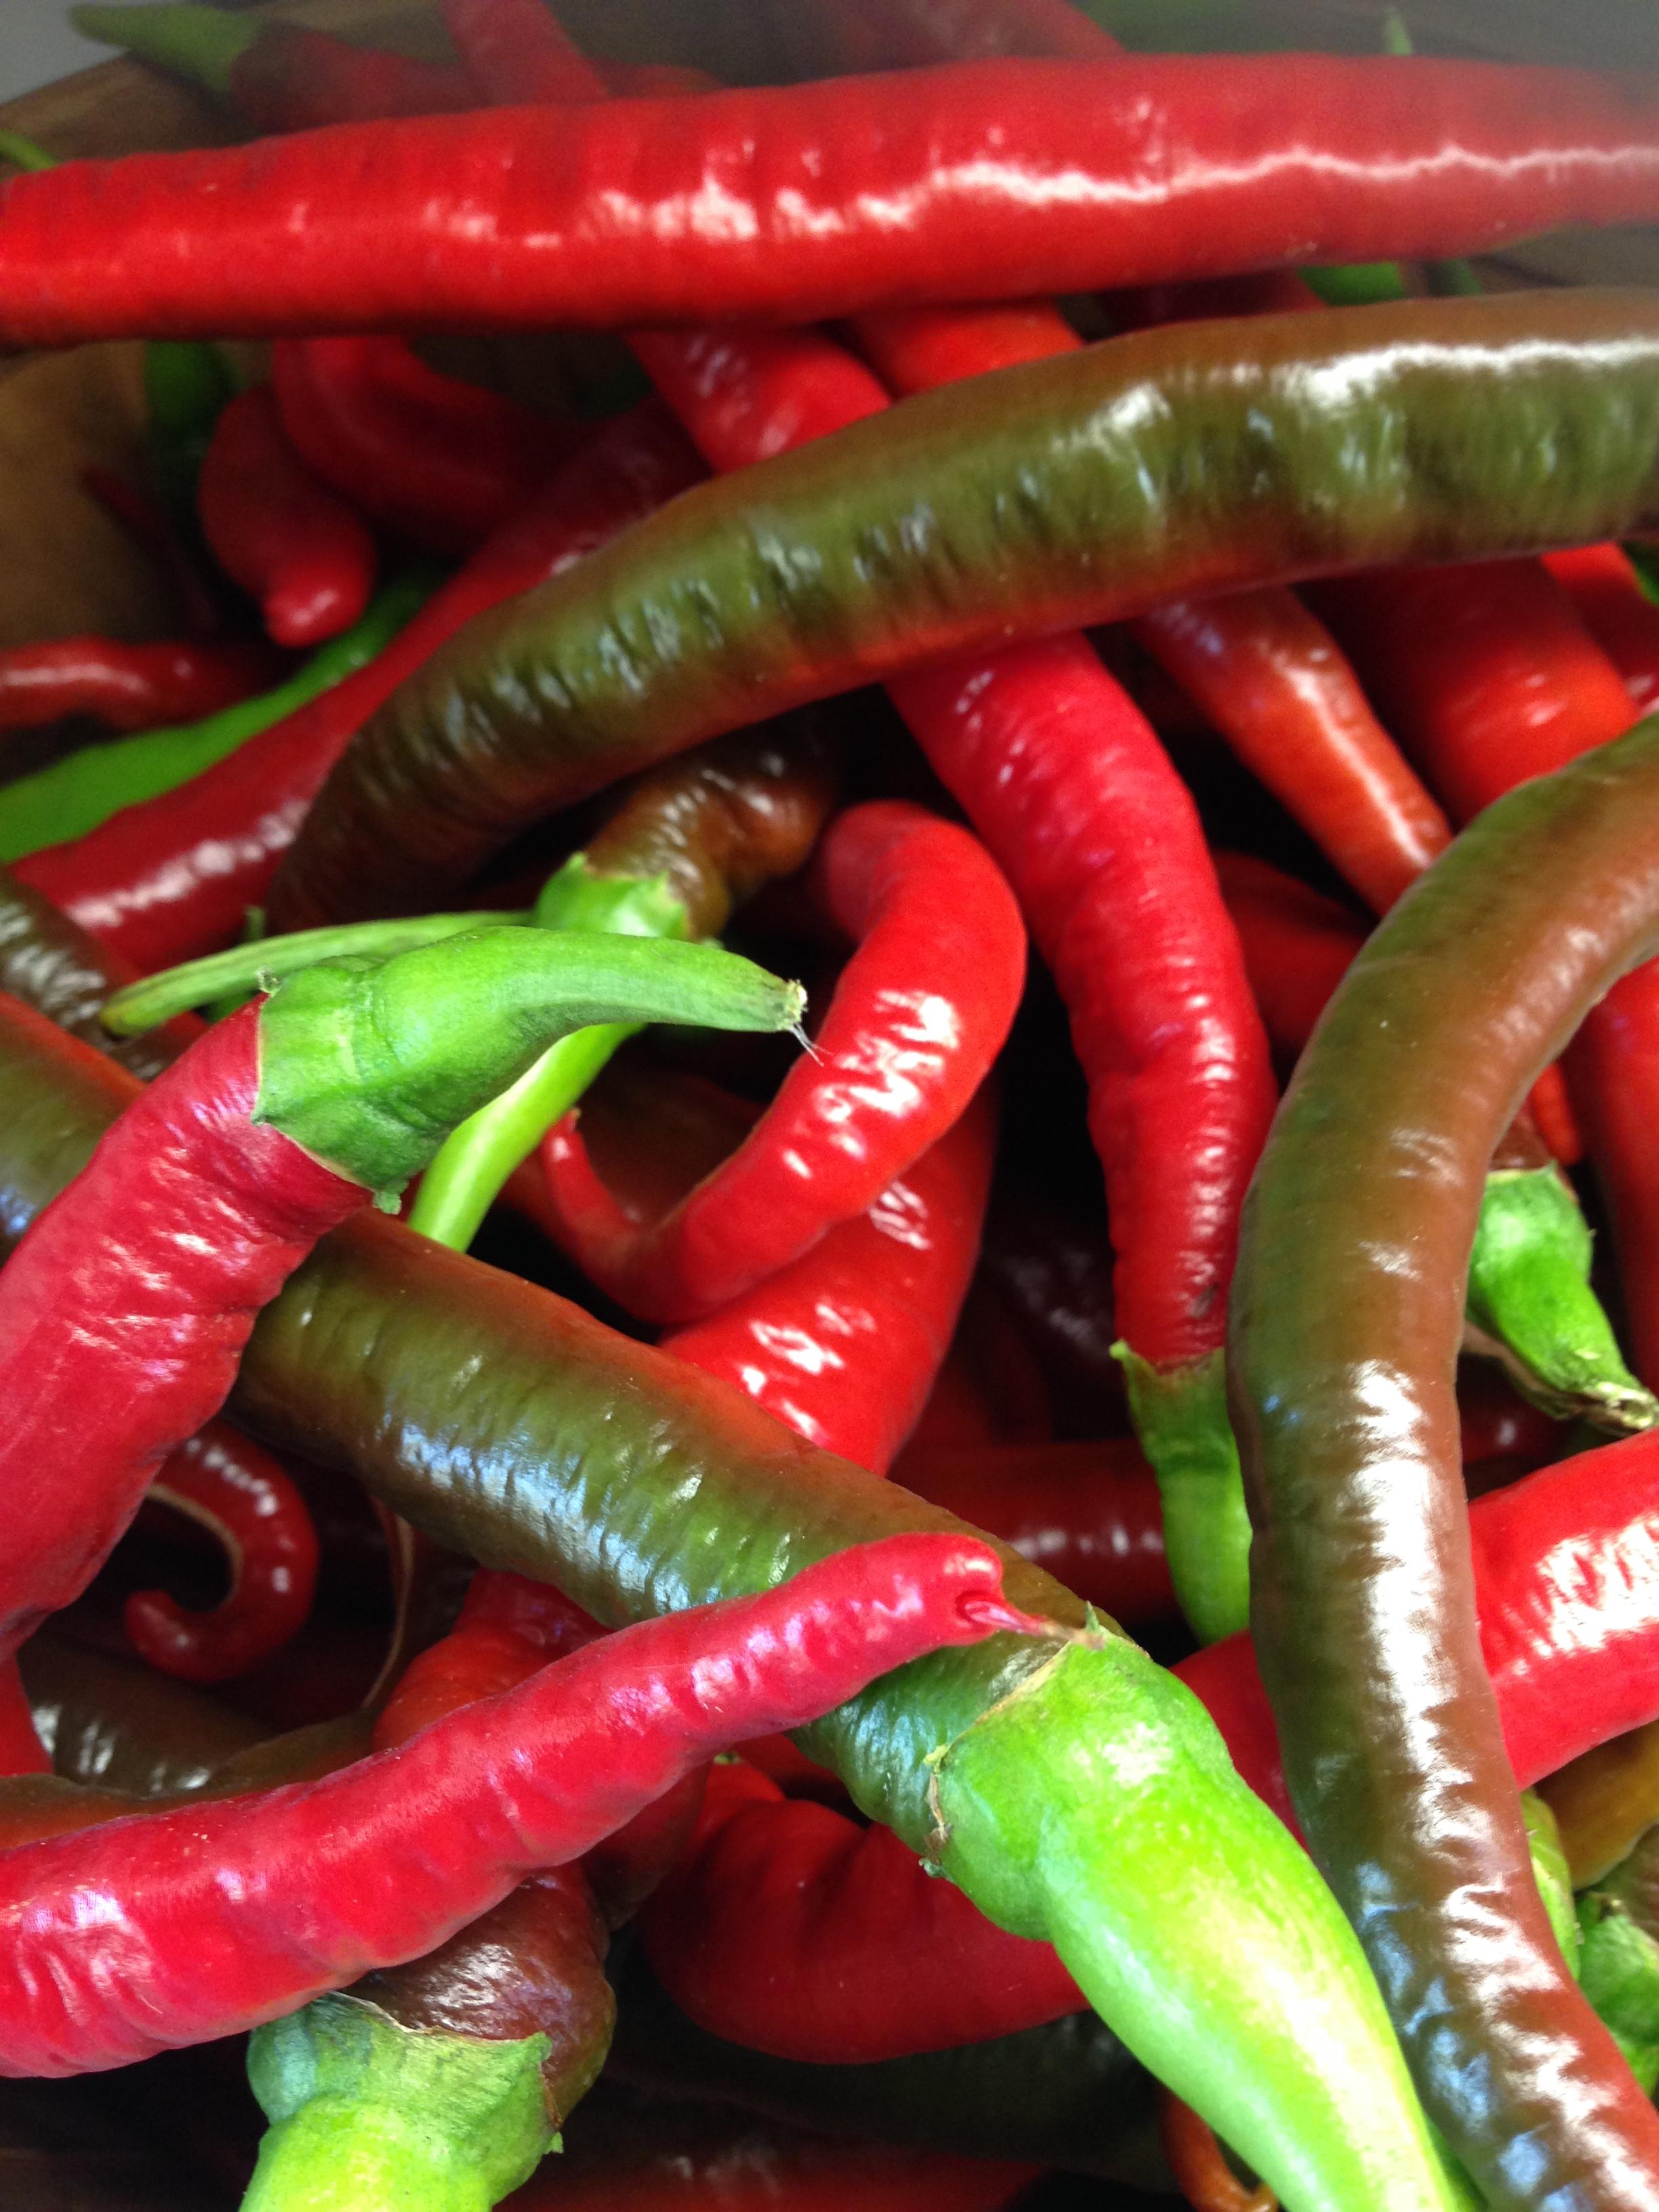 rd peppers.jpg